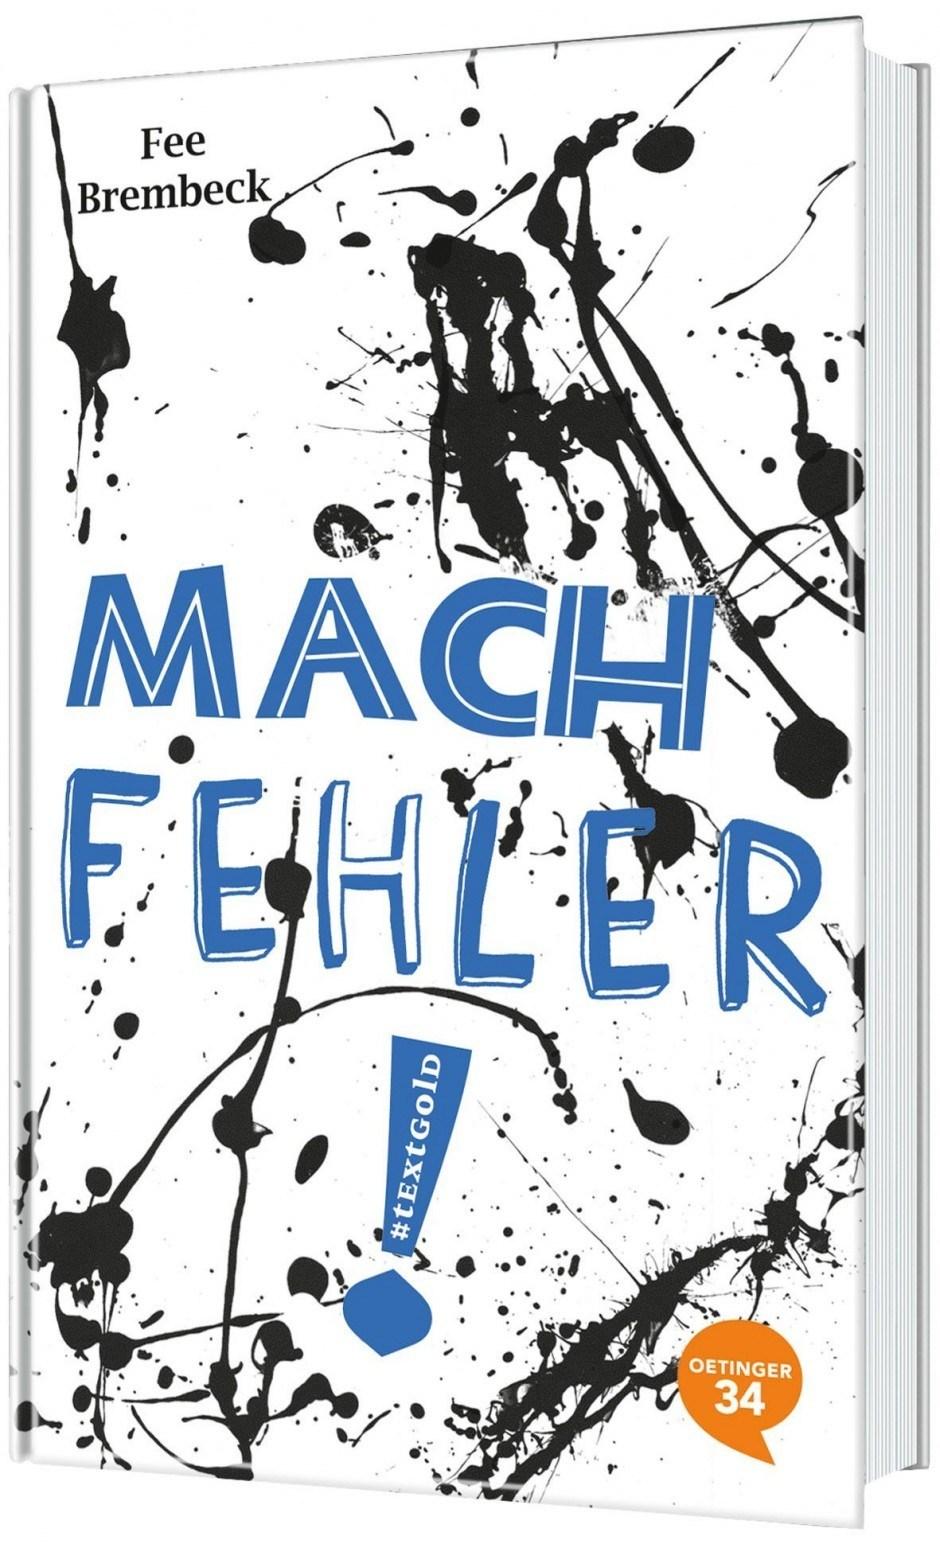 Cover »Mach Fehler!« von Fee/Ellenaar, Oetinger34